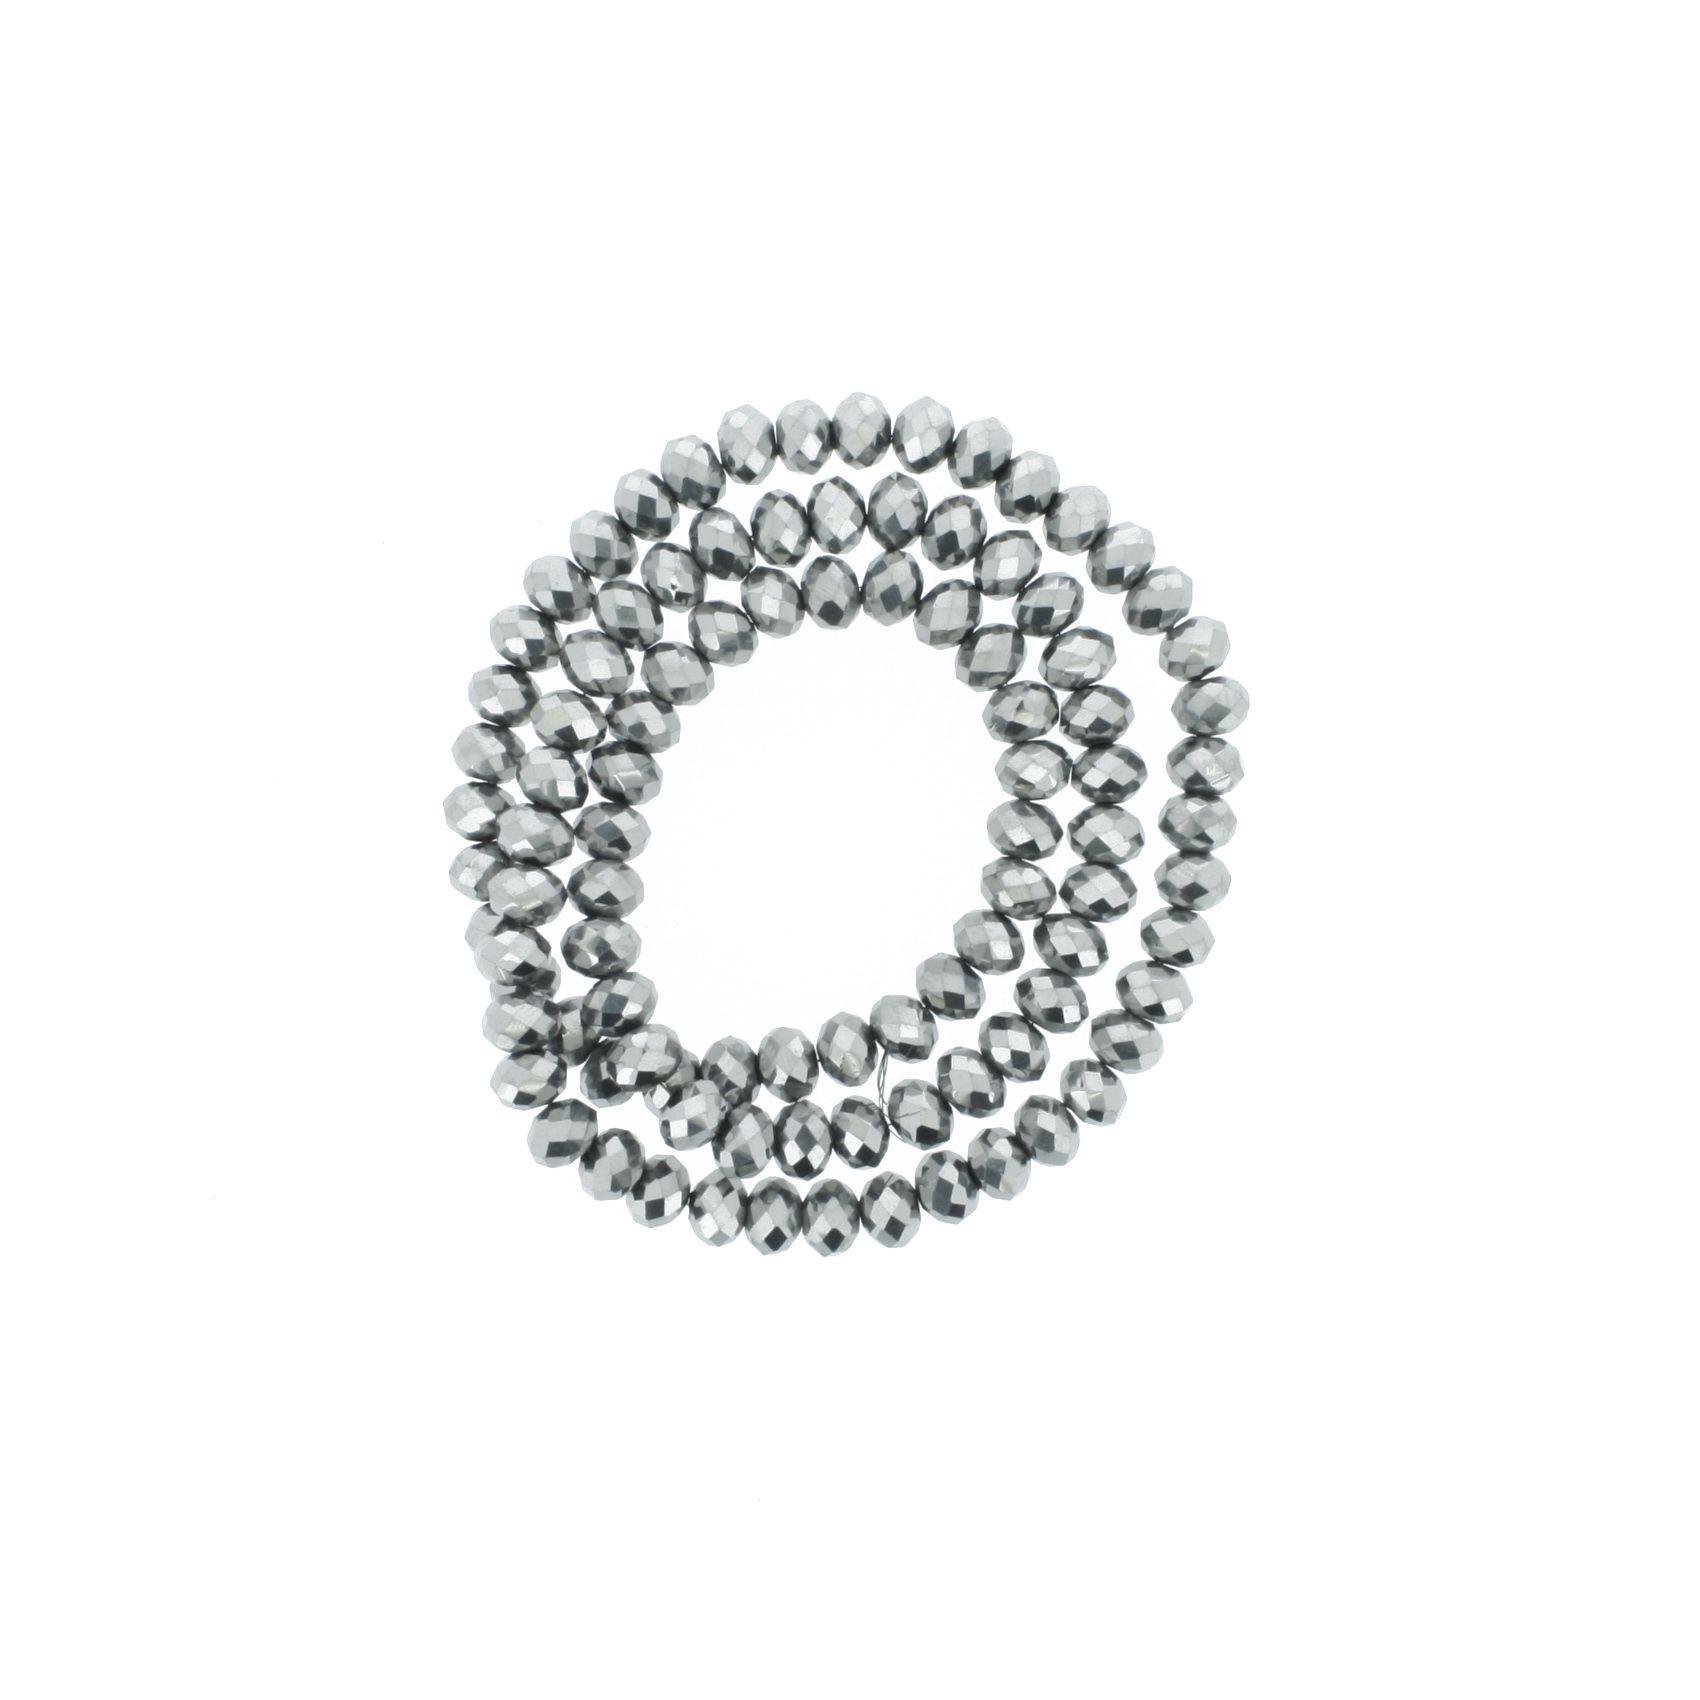 Fio de Cristal - Flat® - Grafite - 6mm  - Stéphanie Bijoux® - Peças para Bijuterias e Artesanato